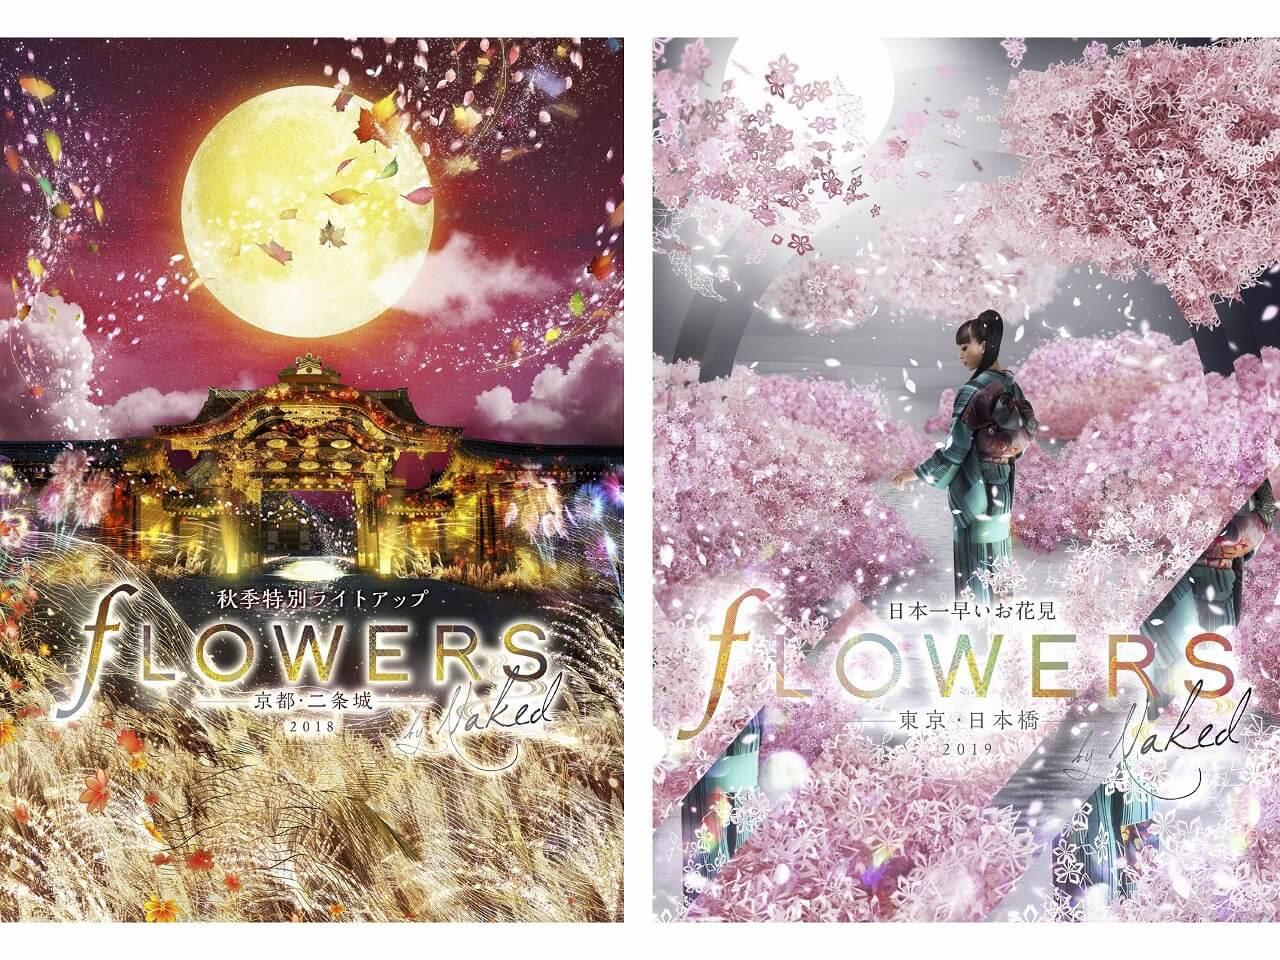 世界遺産・京都 二條城舉辦藝術活動「FLOWERS BY NAKED」 在京都、在日本橋、藝術、